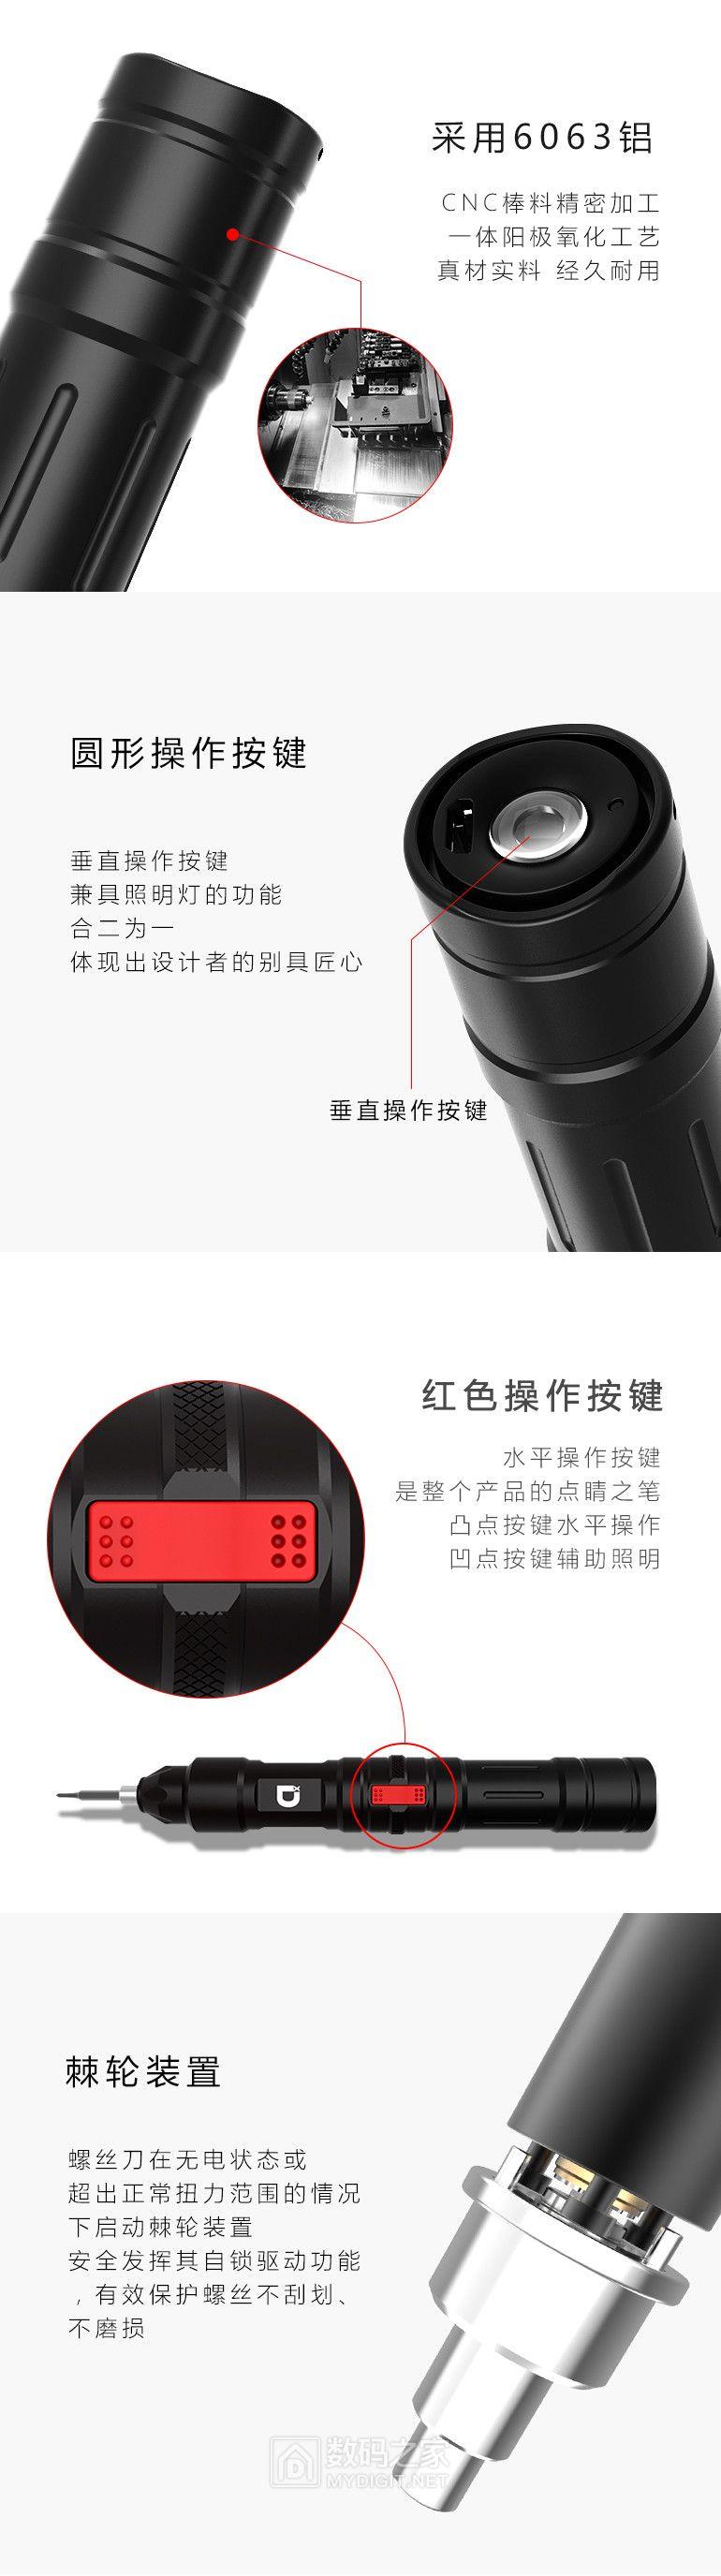 无极变速新玩法,小动X2迷你智能电动螺丝刀评测试用活动(中奖名单公布)